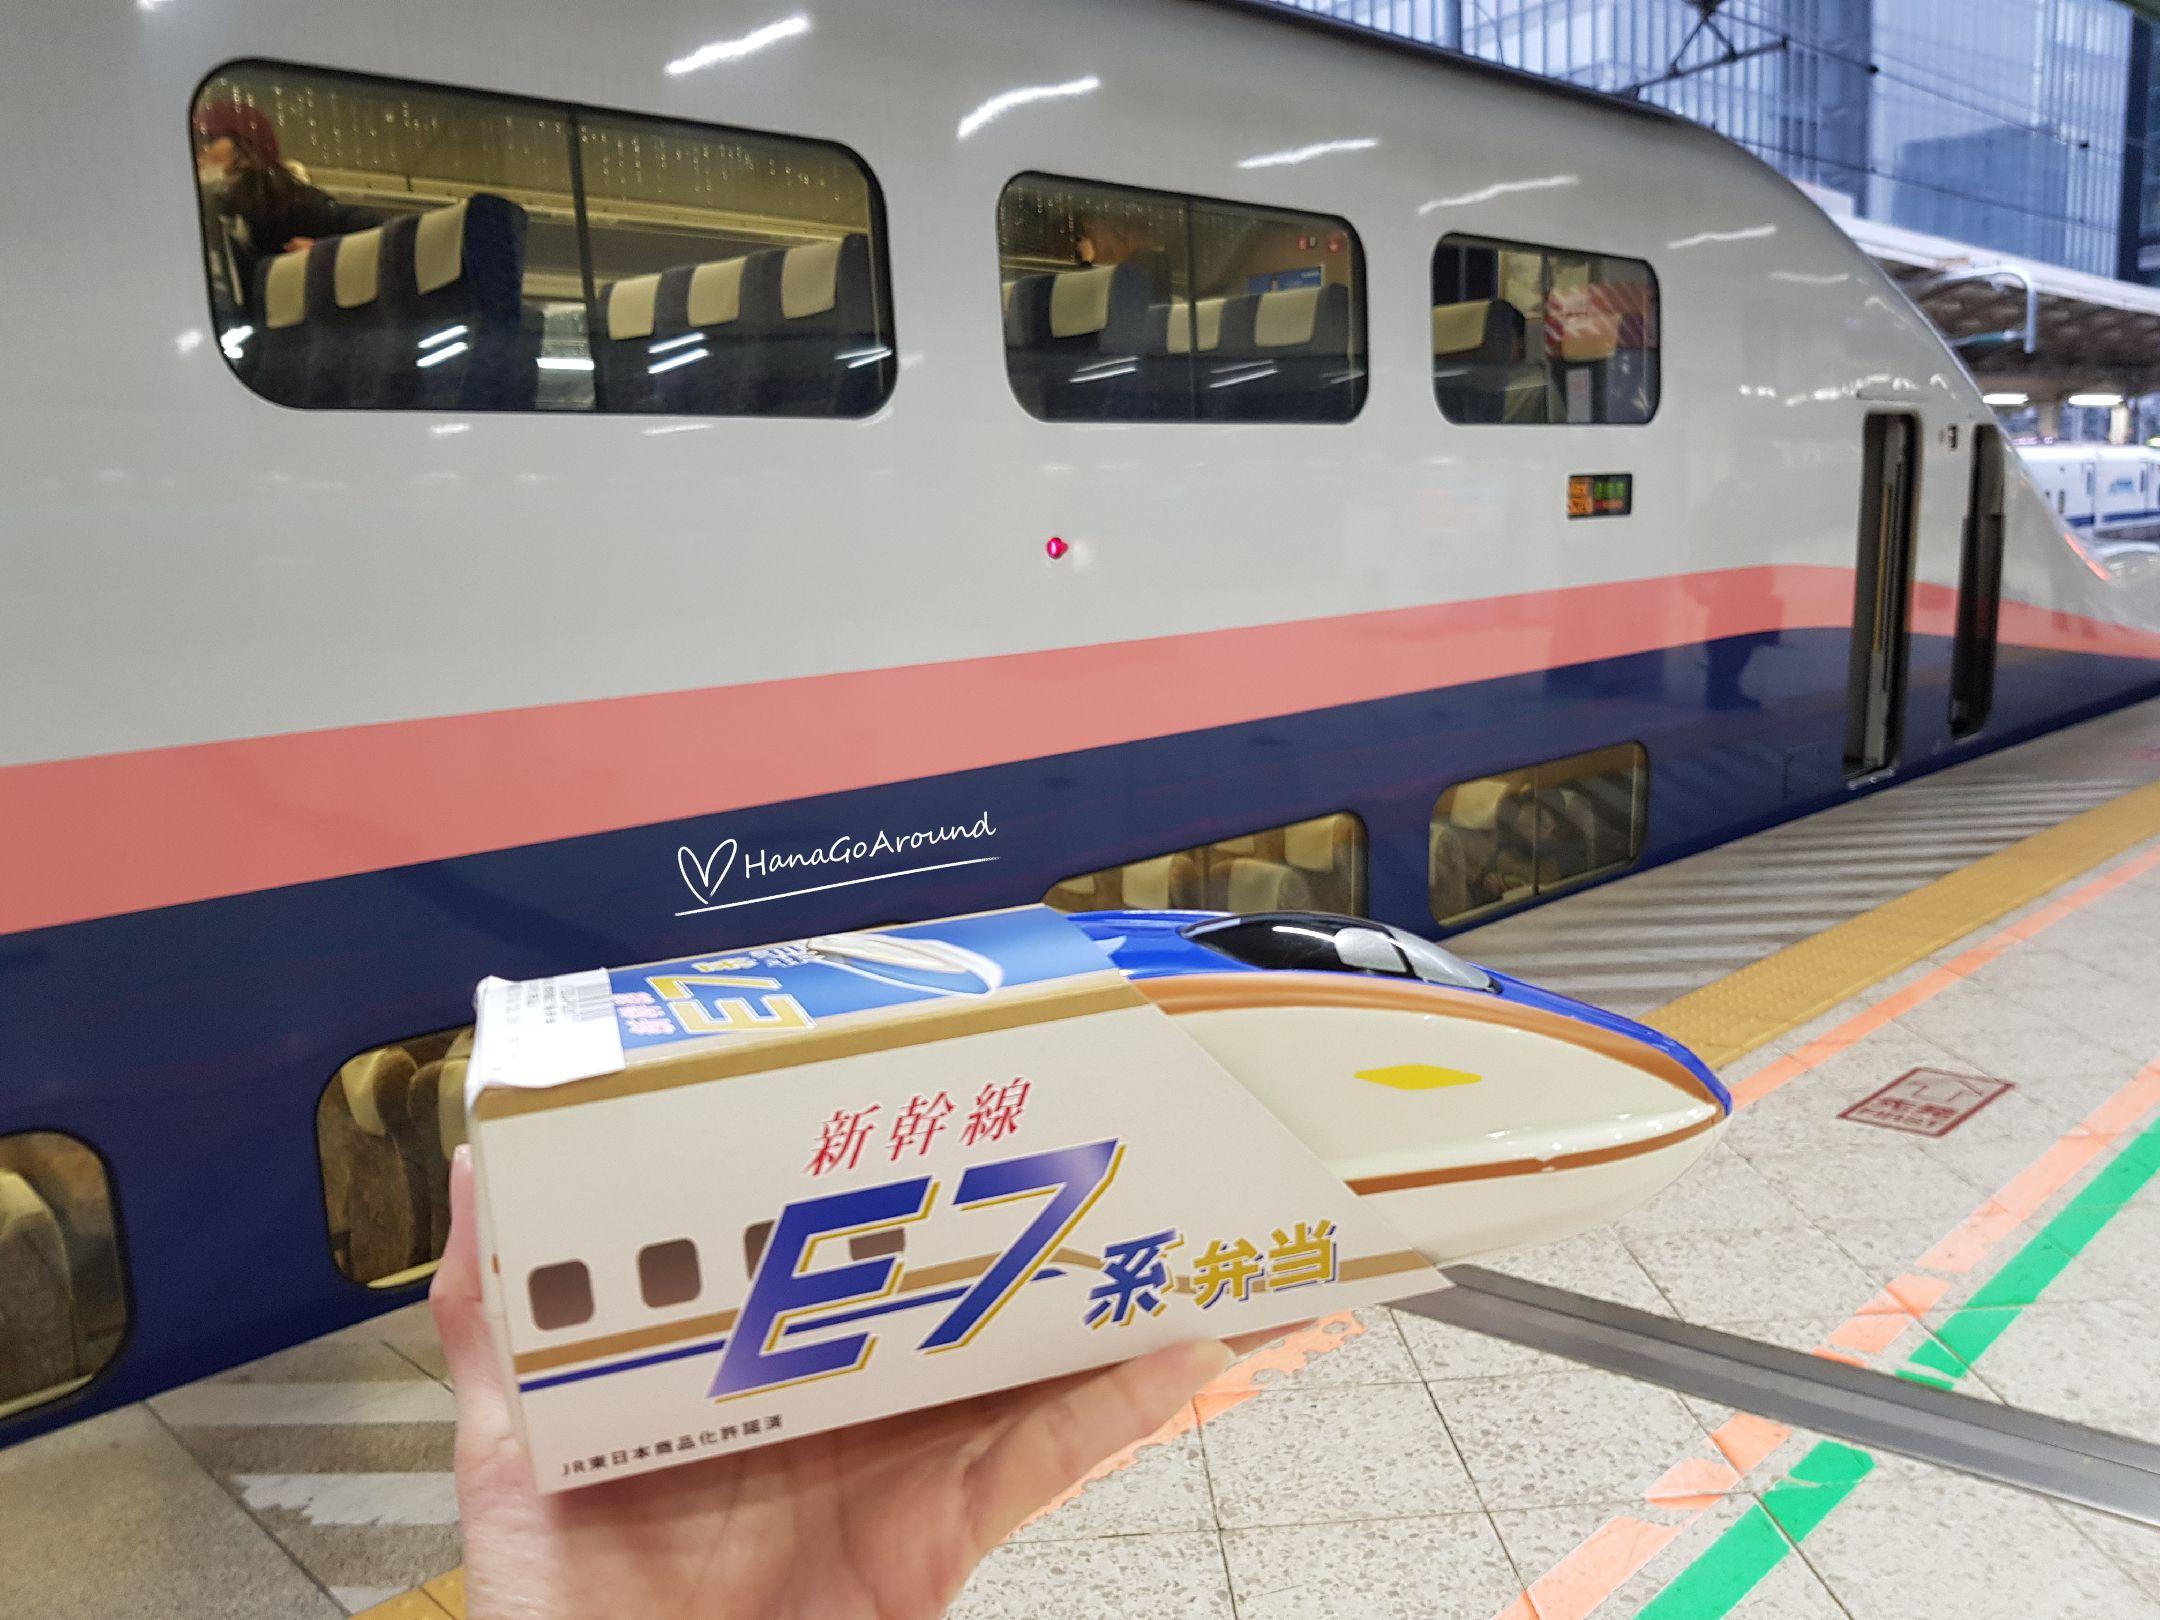 เดินทางด้วย Shinkansen ไปลานสกี GALA Yuzawa ที่เมืองเอจิโหงะยูซาว่า (Echigo-Yuzawa)